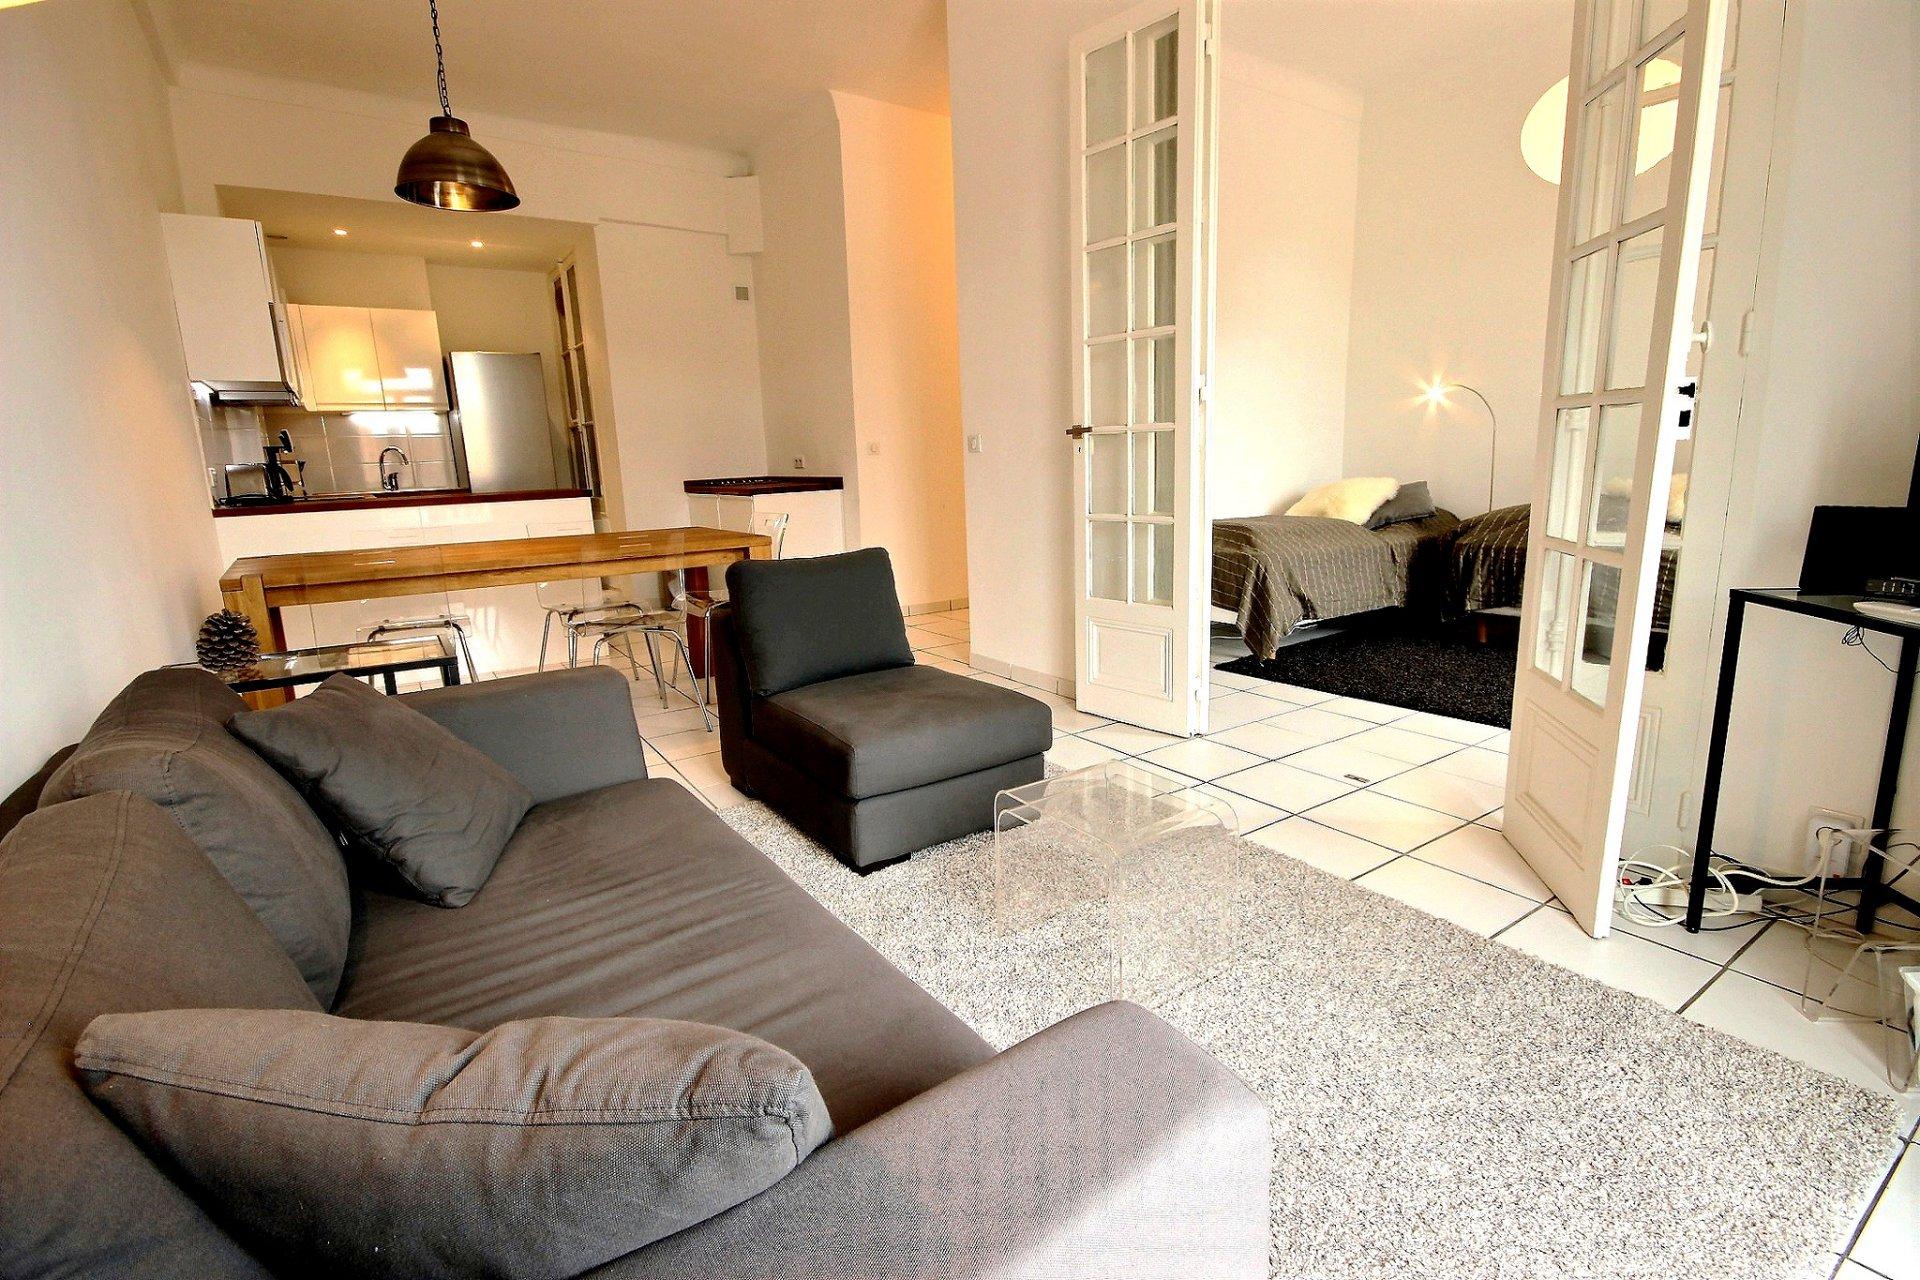 Cannes Banane lägenhet till salu nära festivalpalatset